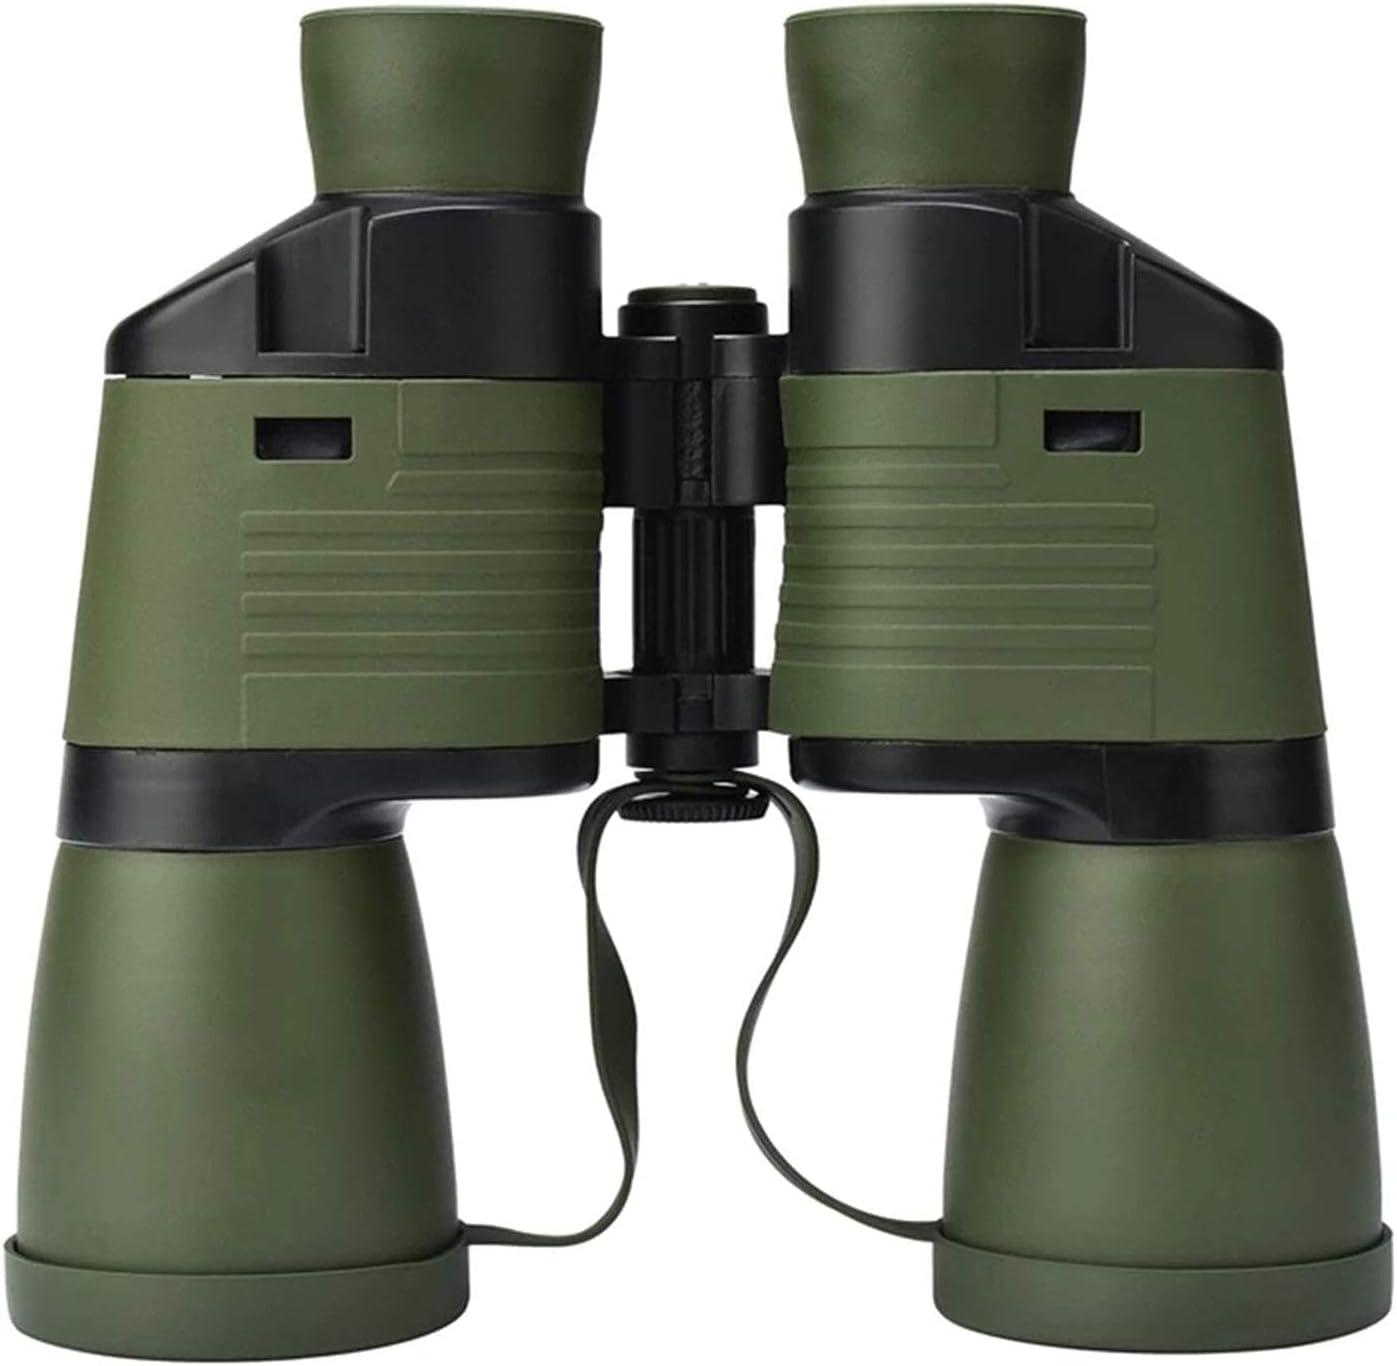 Binoculars 20x50 Telescope Outdoor Illuminated 4 years warranty Birdin Colorado Springs Mall